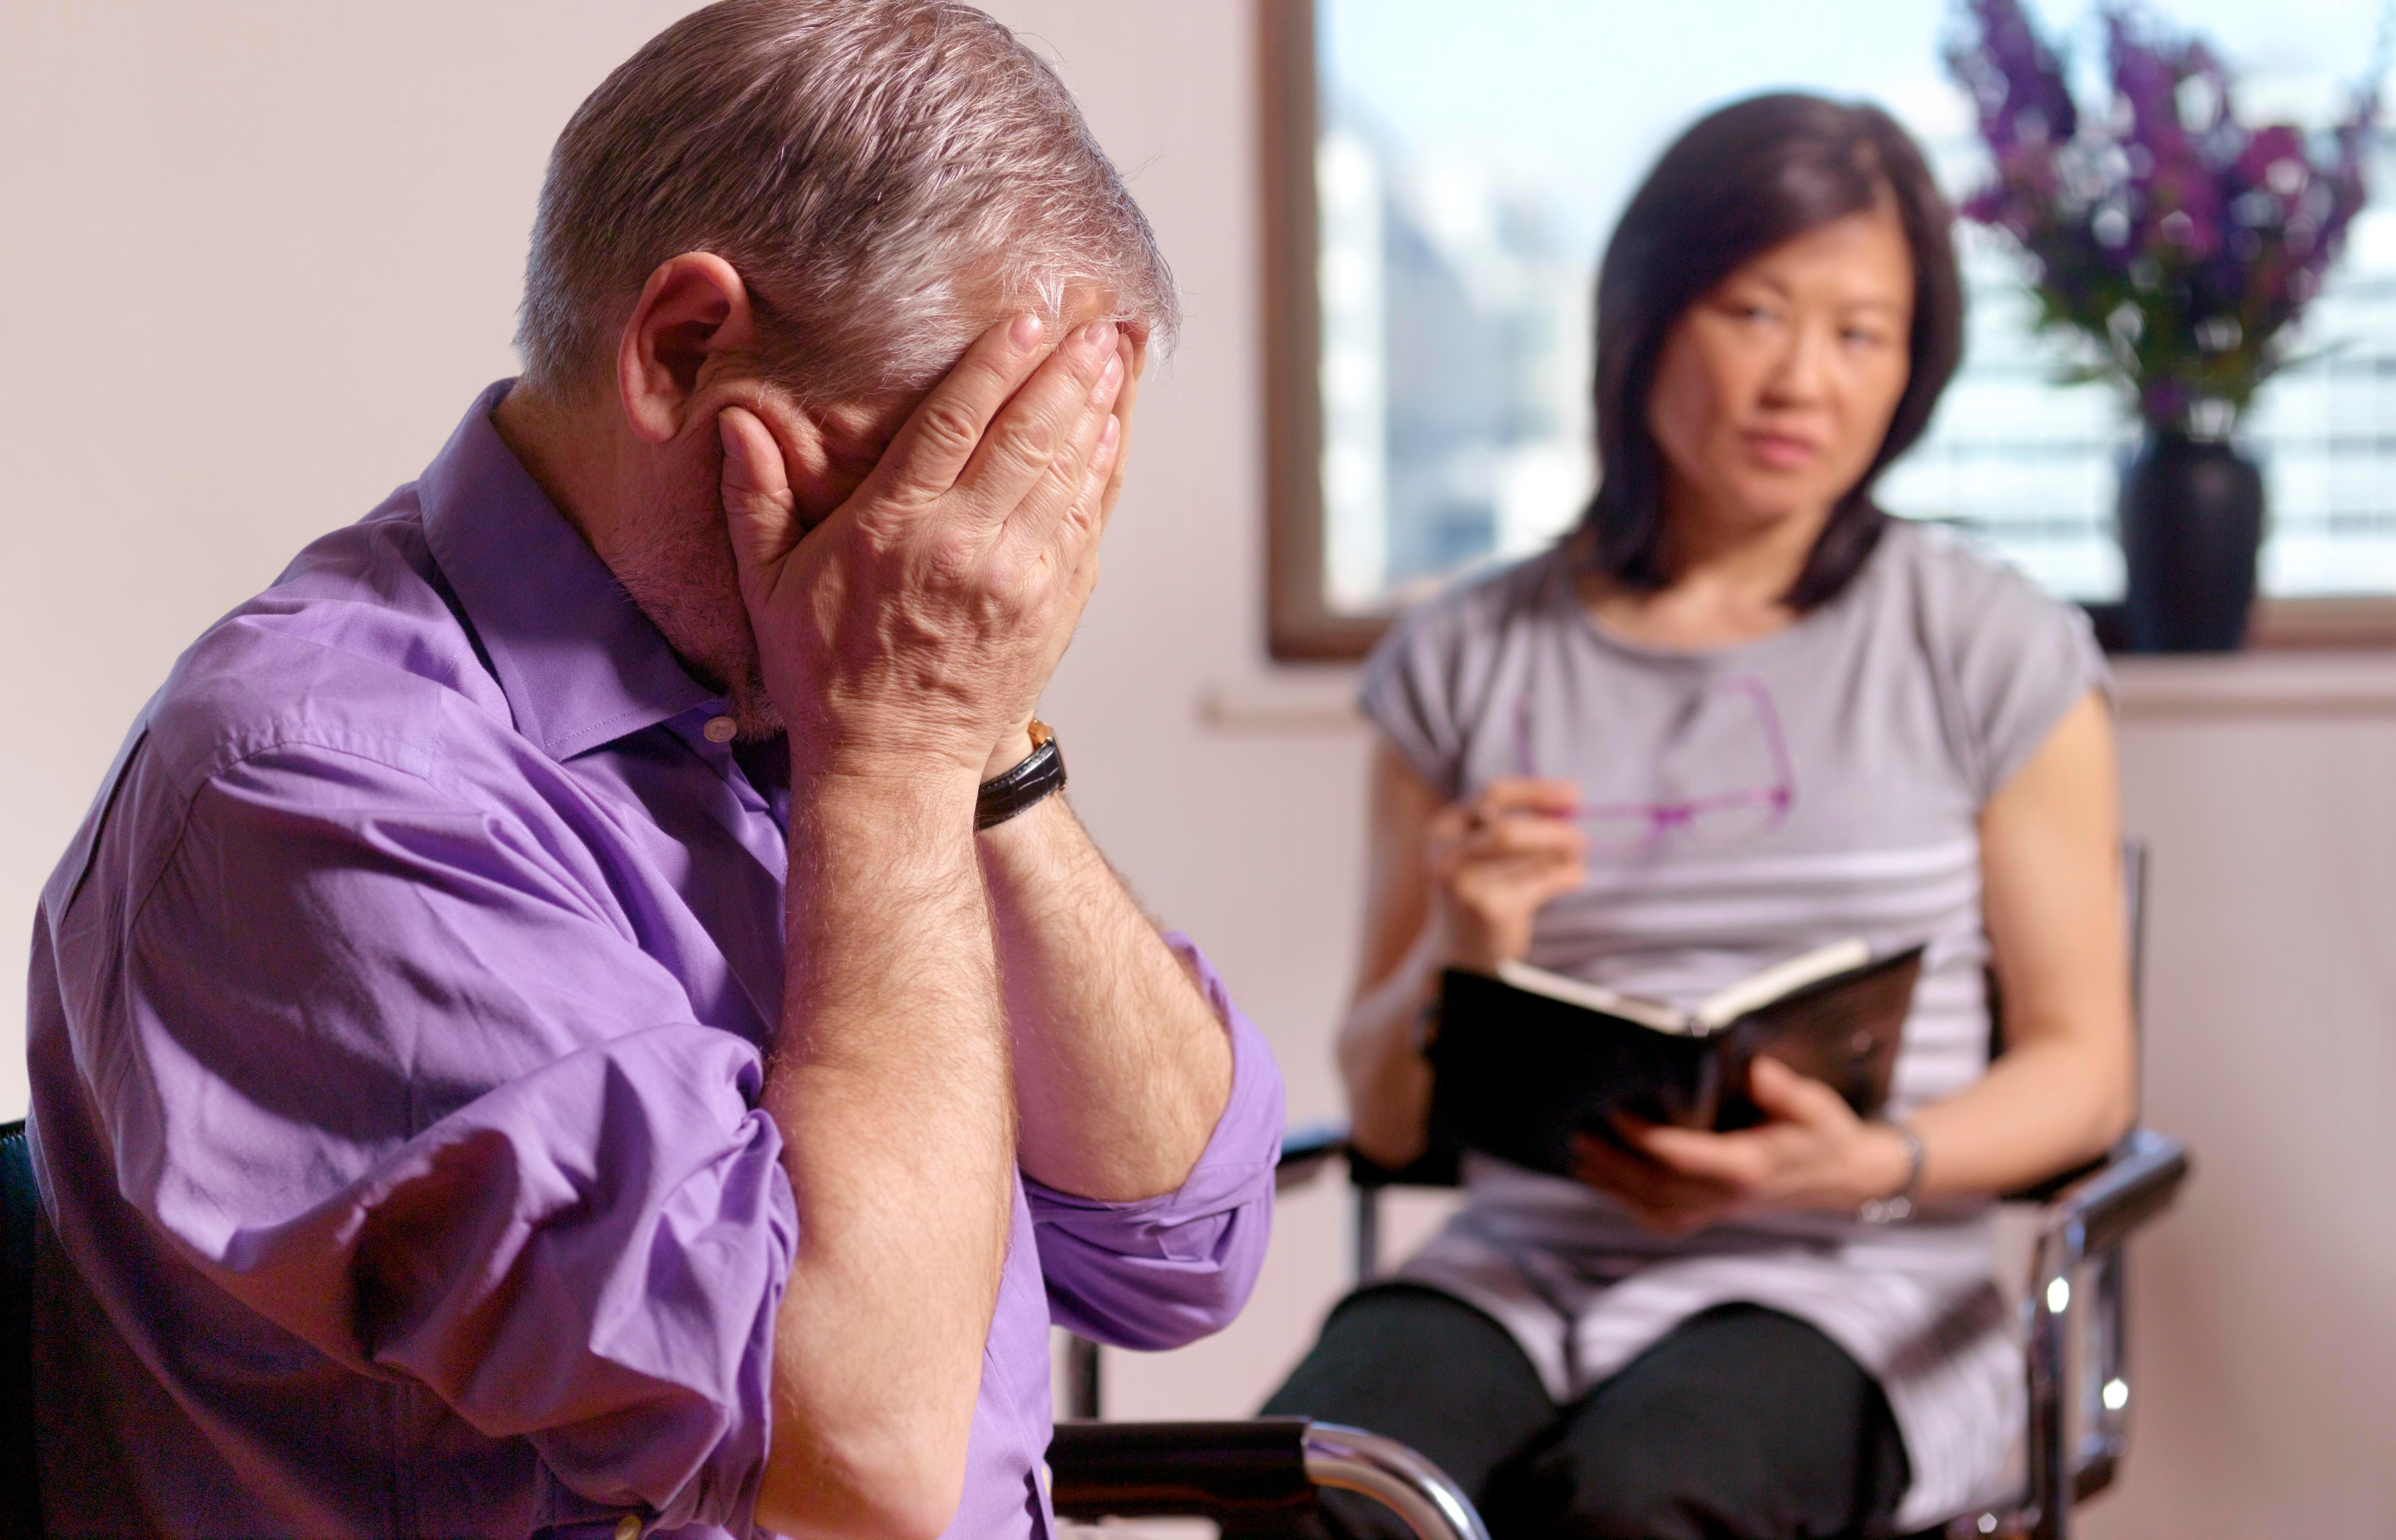 Старческая депрессия: симптомы и лечение